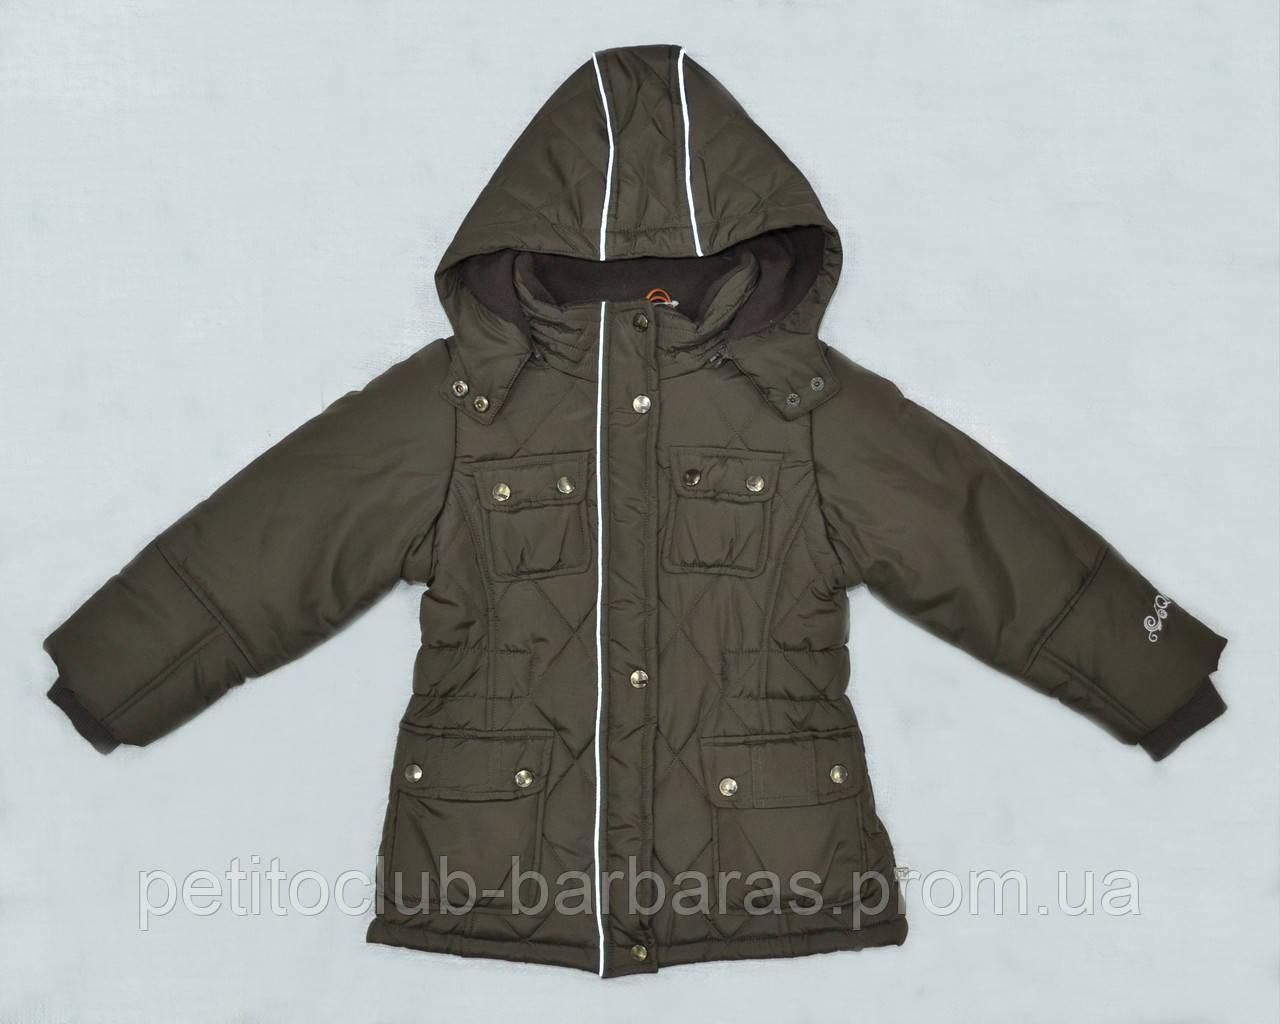 Зимняя куртка для девочки коричневая (р. 116-140 см) (QuadriFoglio, Польша)